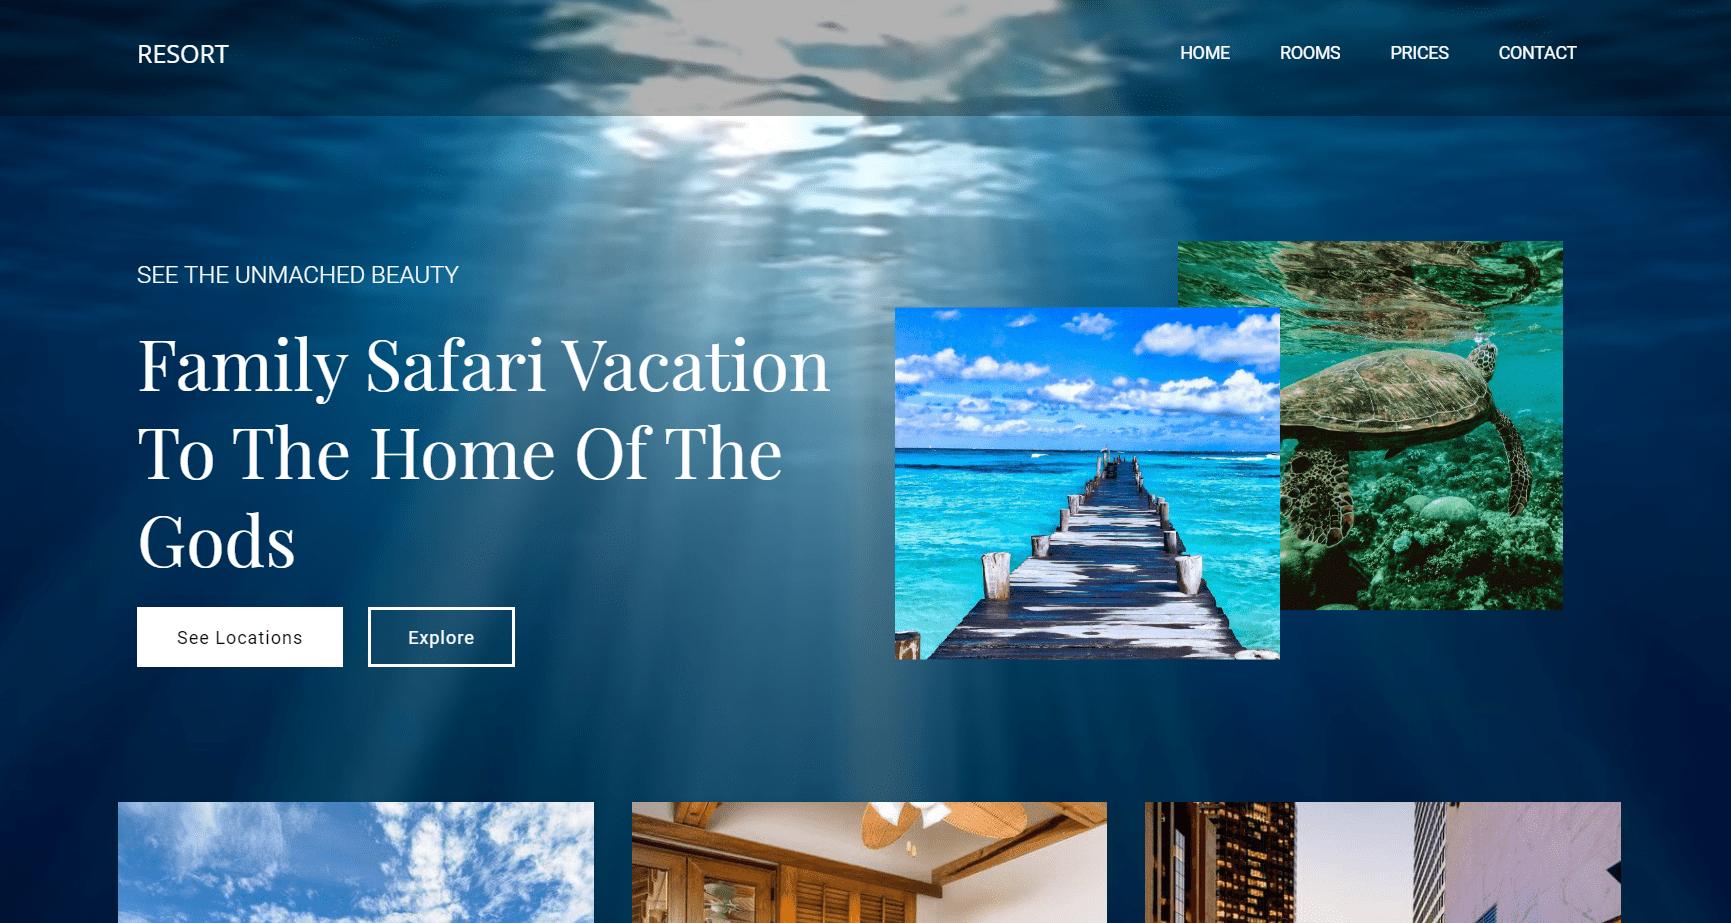 Kết quả hình ảnh cho website resort